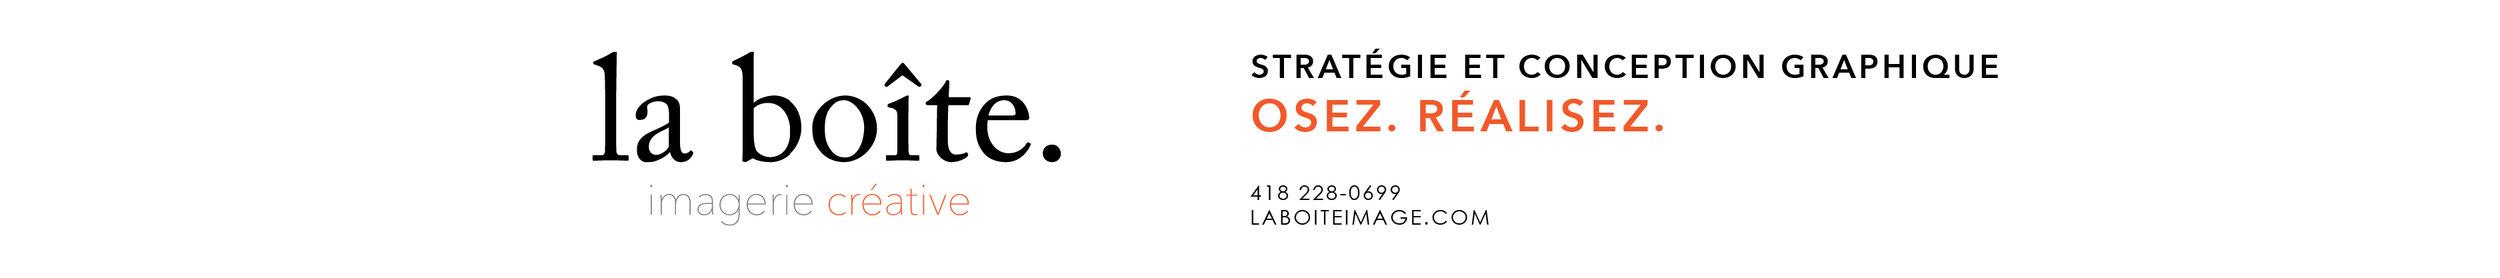 La boite 4 stratégie conception.jpg